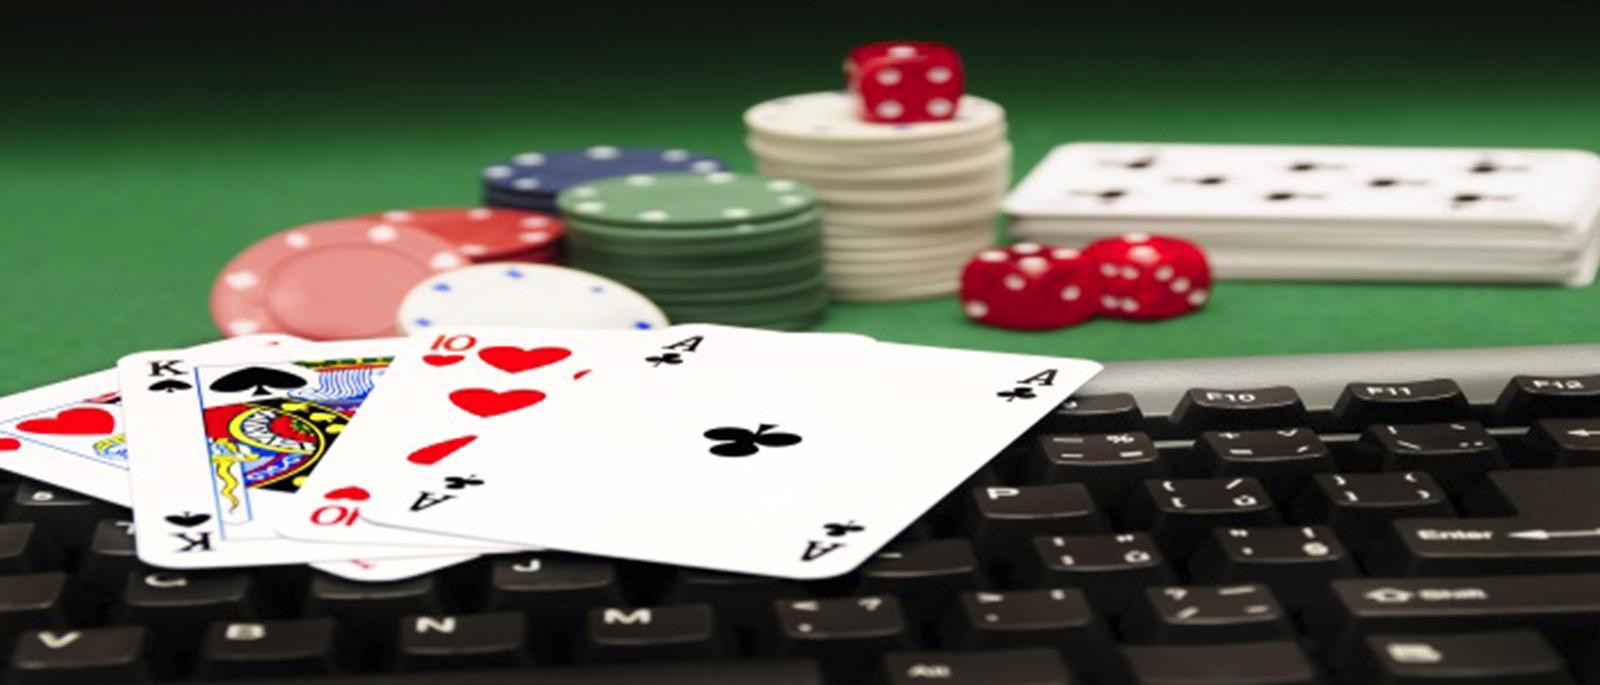 Spielautomaten tricks – mit diesen Tipps können Sie wirklich gewinnen!